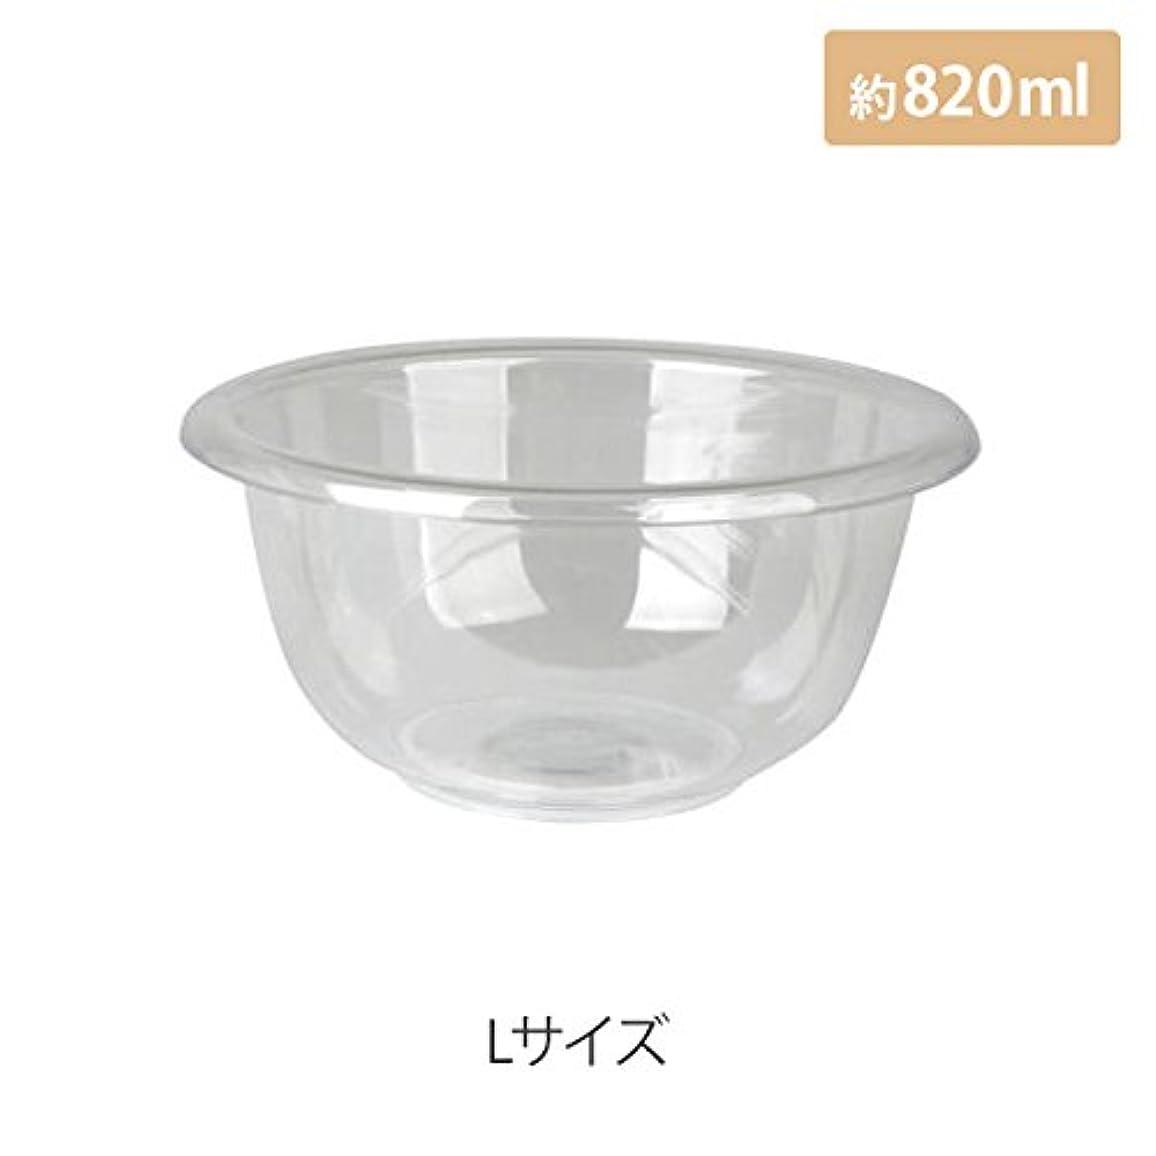 ブルーム報酬の敬なマイスター プラスティックボウル (Lサイズ) クリア 直径19.5cm [ プラスチックボール カップボウル カップボール エステ サロン プラスチック ボウル カップ 割れない ]